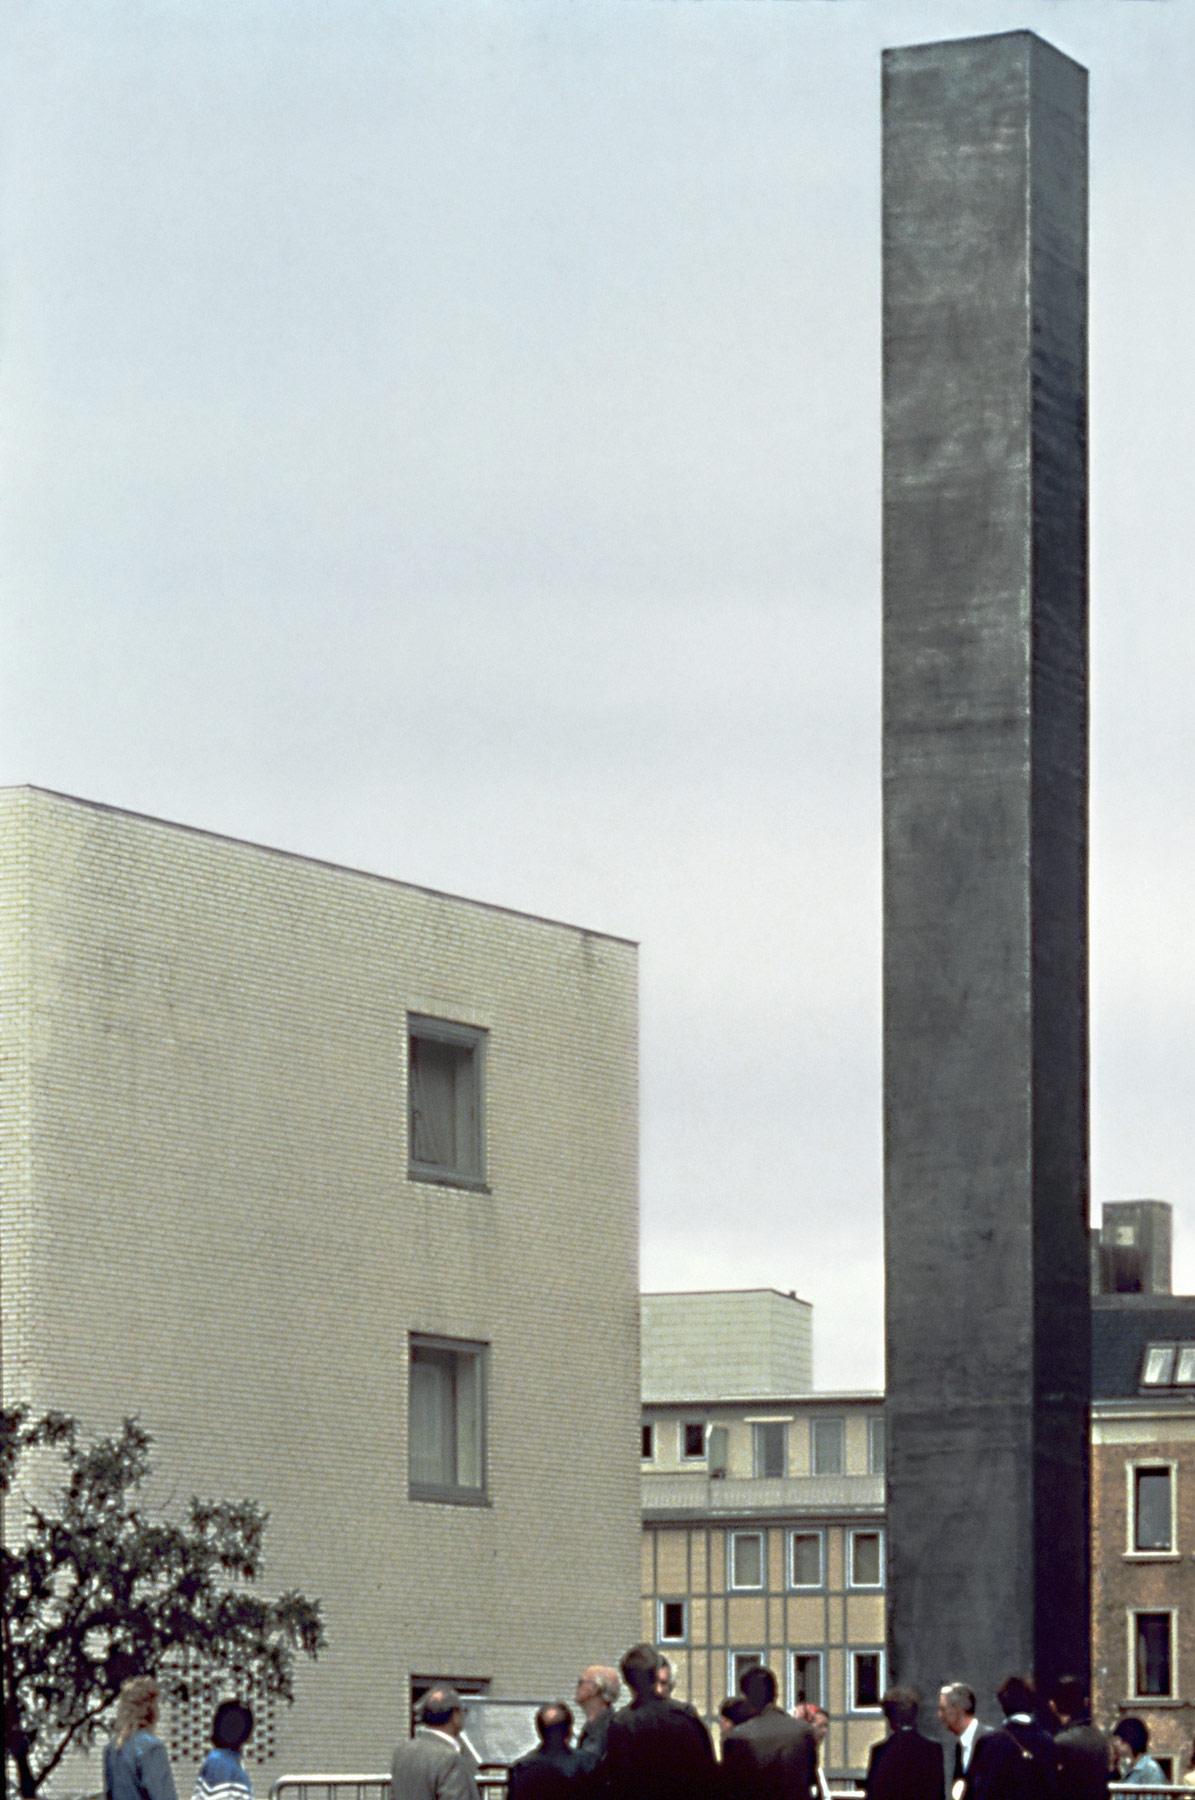 Monument Against Fascism